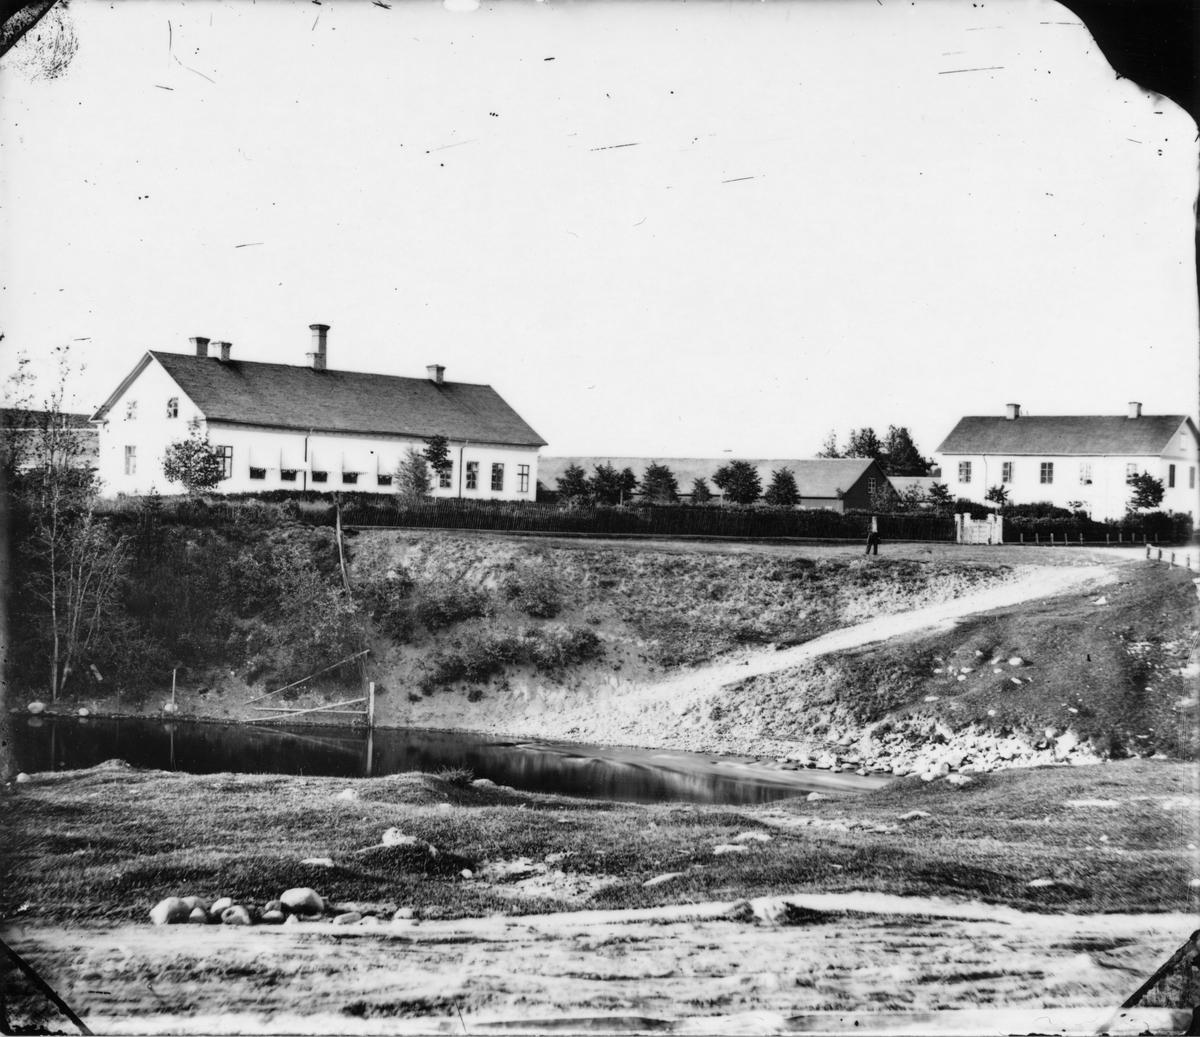 Gustafsbro utanför Gävle 1860-talet. Gefle Bryggeri AB.